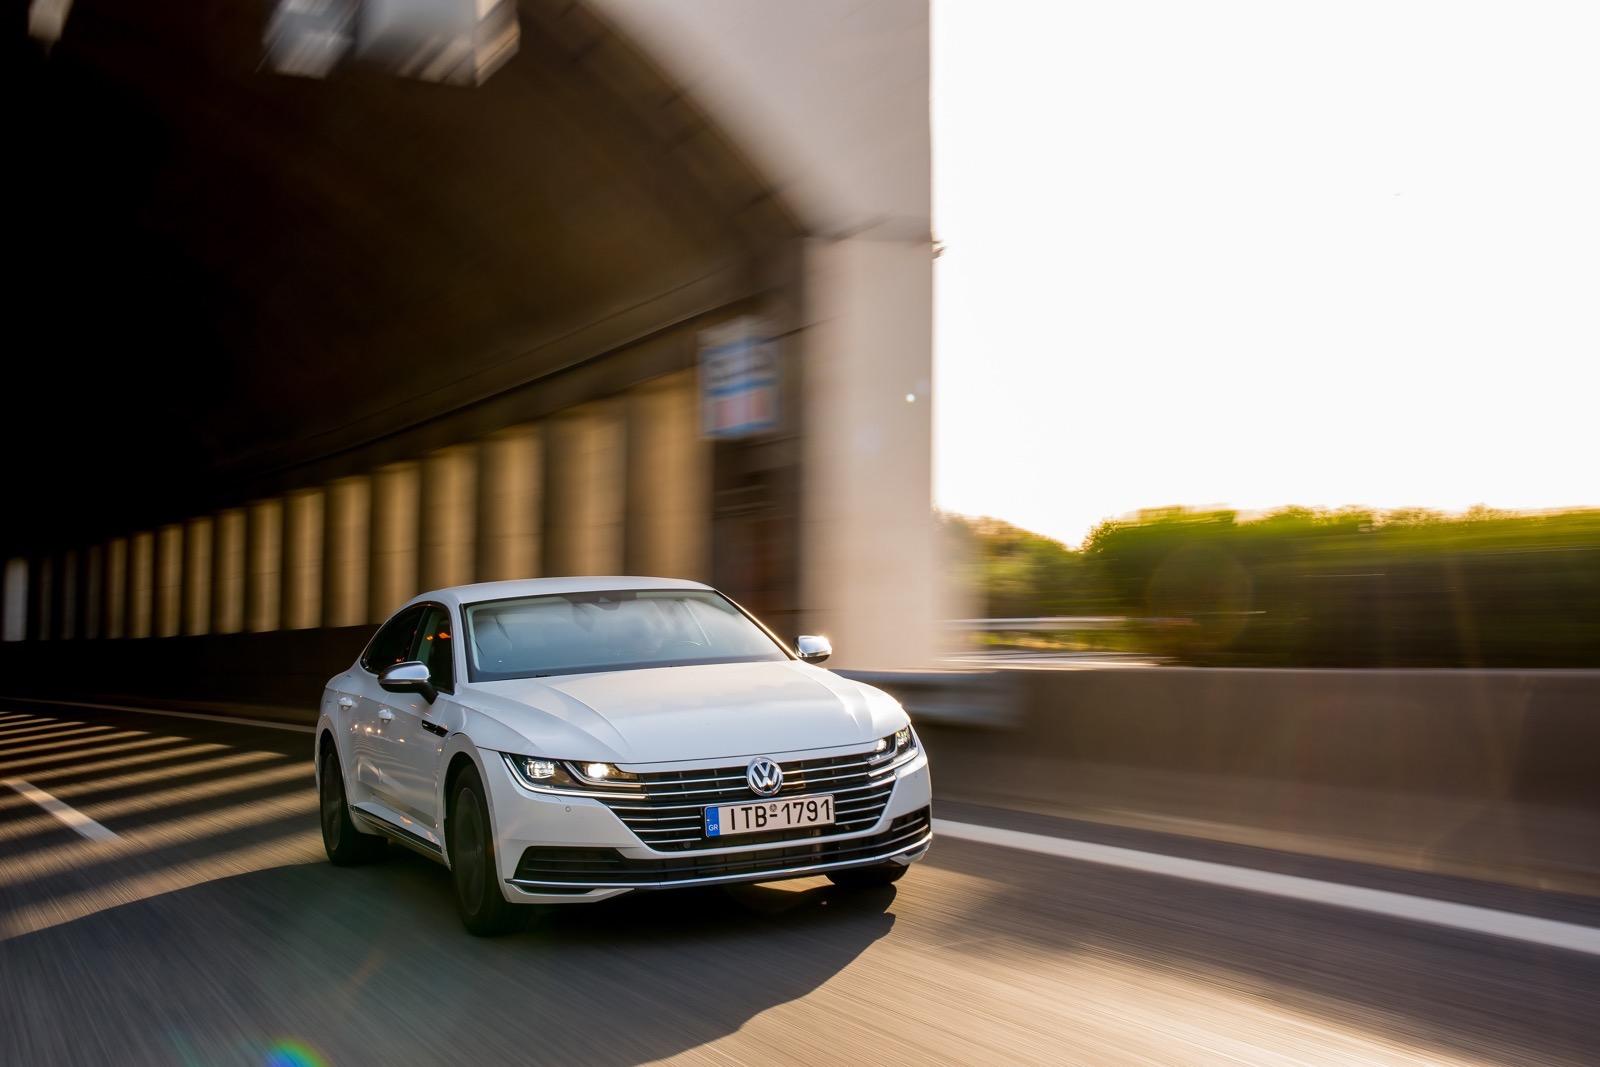 Volkswagen_Arteon_Greek_Presentataion_01